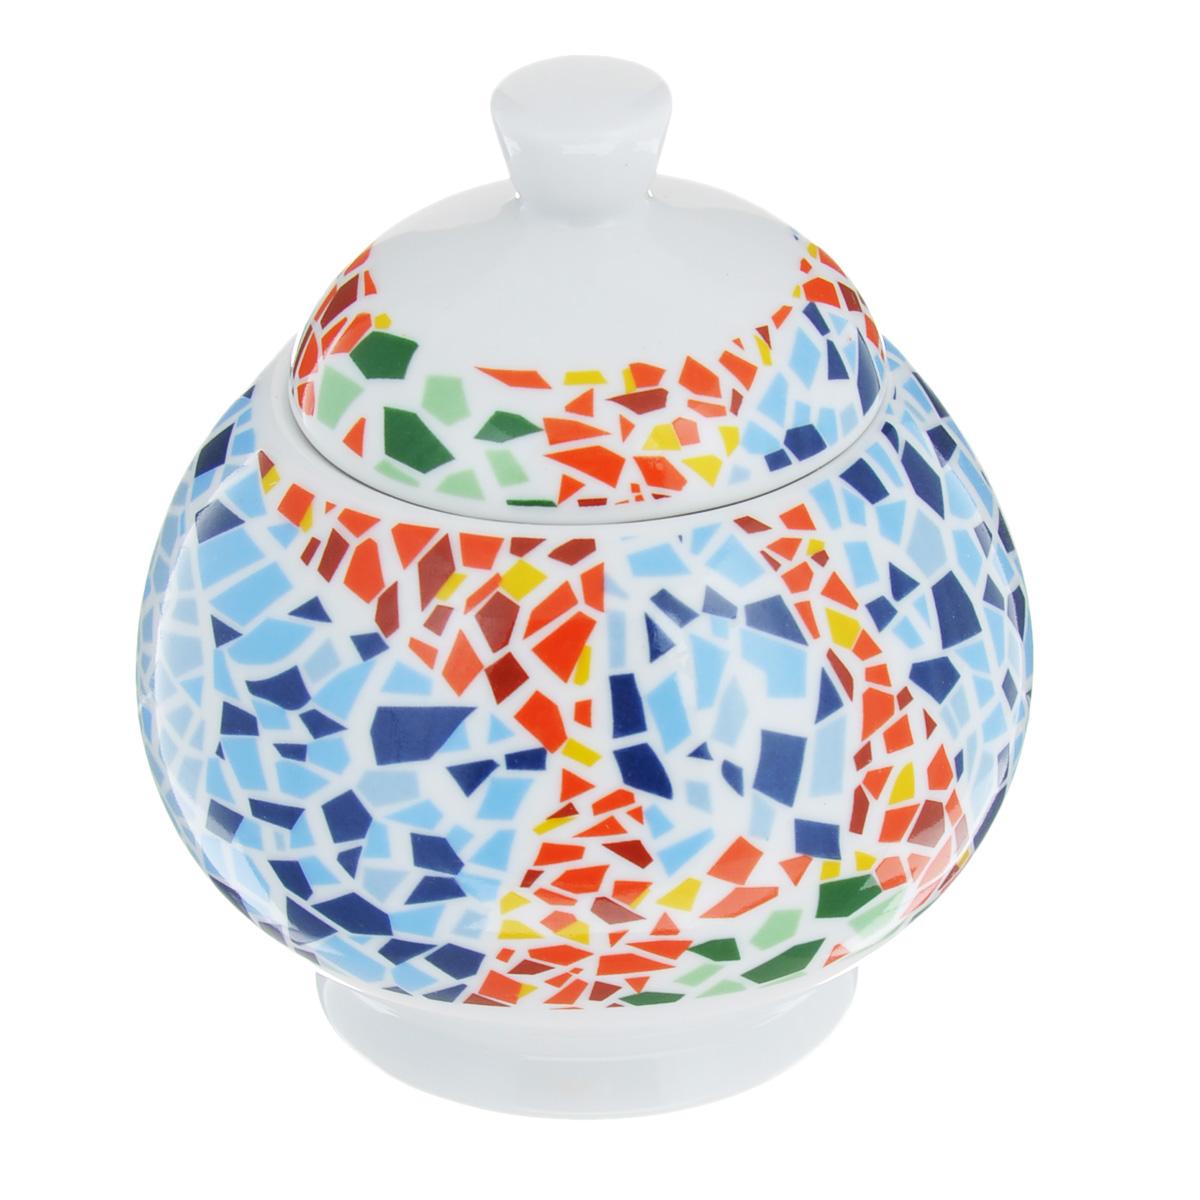 Сахарница Lillo Мозаика, 250 мл93522Великолепная сахарница Lillo Мозаика выполнена из высококачественного фарфора. Сахарница имеет изящную форму и декорирована разноцветной мозаикой. Лаконичность и изящество форм придают сахарнице неповторимую изысканность. Эксклюзивный дизайн, эстетичность и функциональность сахарницы делает ее незаменимой на любой кухне. Можно мыть в посудомоечной машине. Диаметр сахарницы (по верхнему краю): 5 см. Высота сахарницы (без учета крышки): 7,5 см. Объем сахарницы: 250 мл.